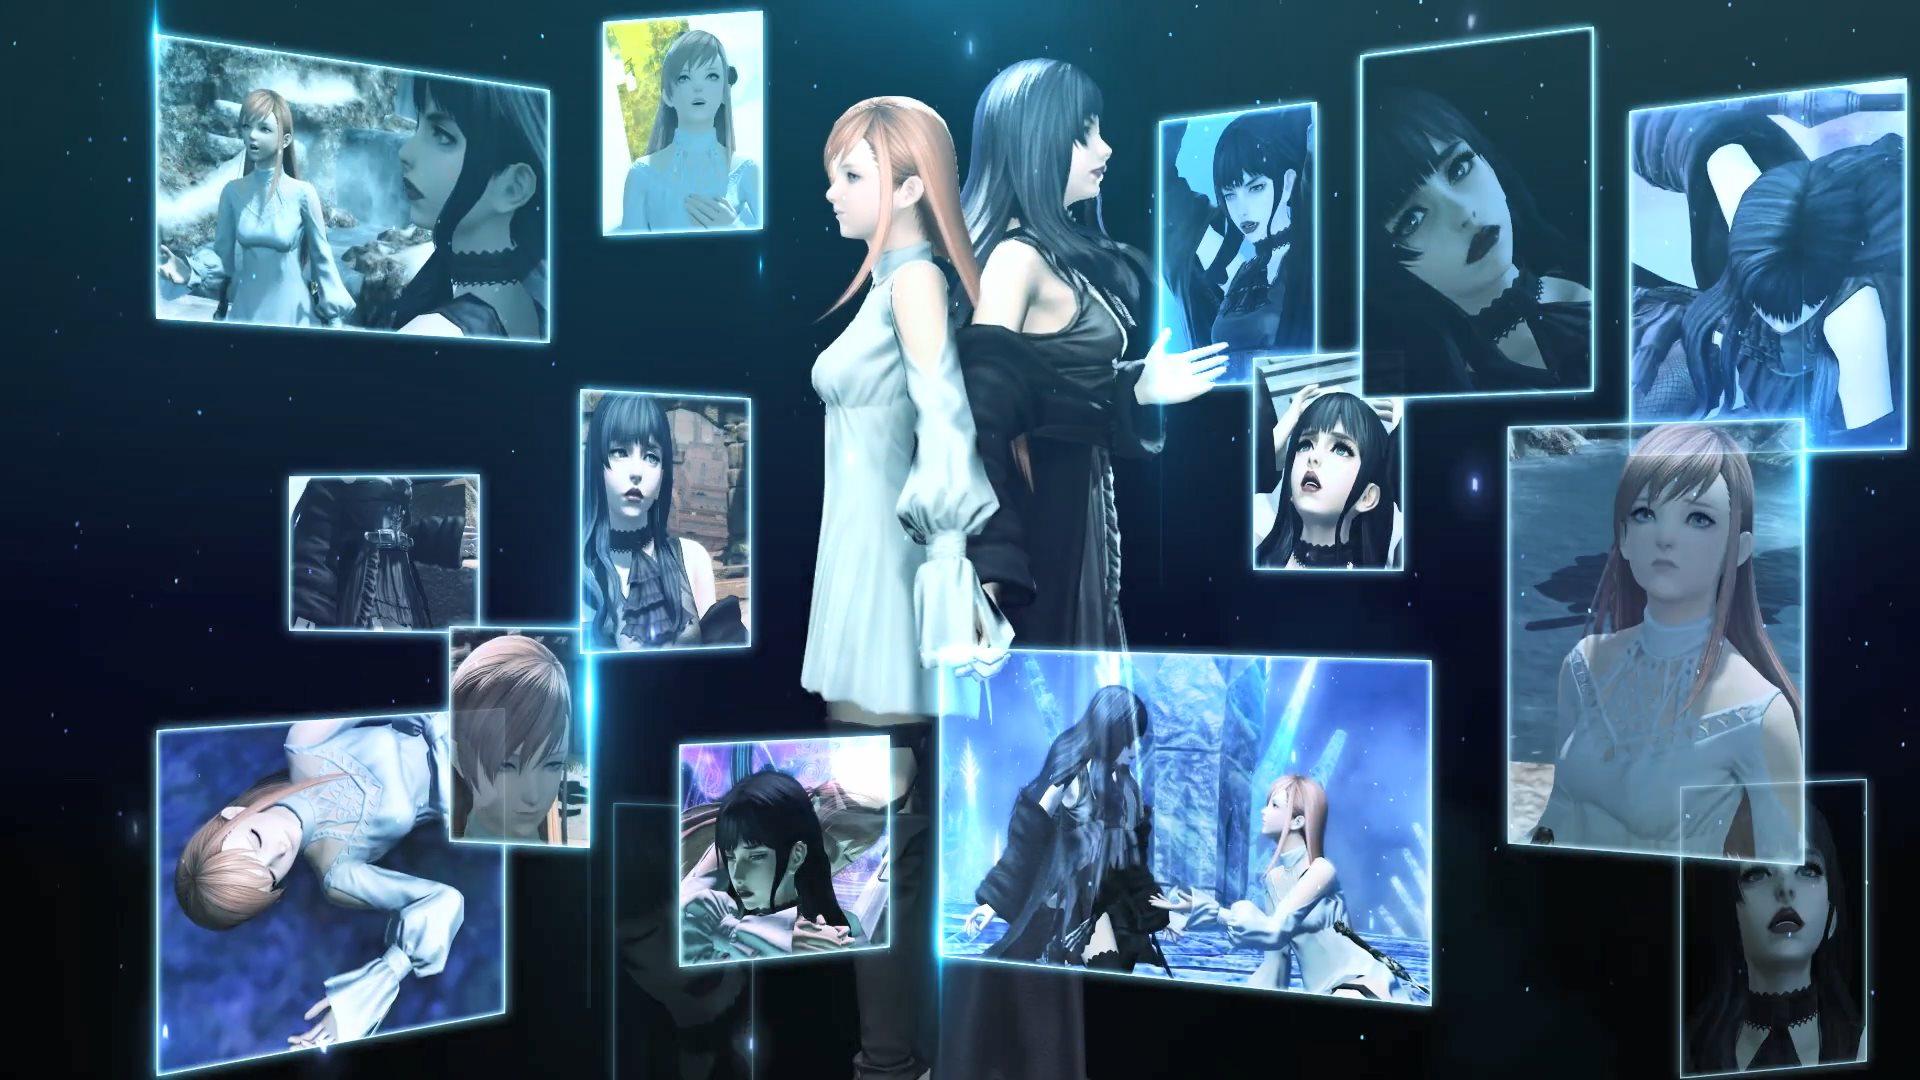 《最终幻想14》5.4版本宣传片公开 12月8日上线